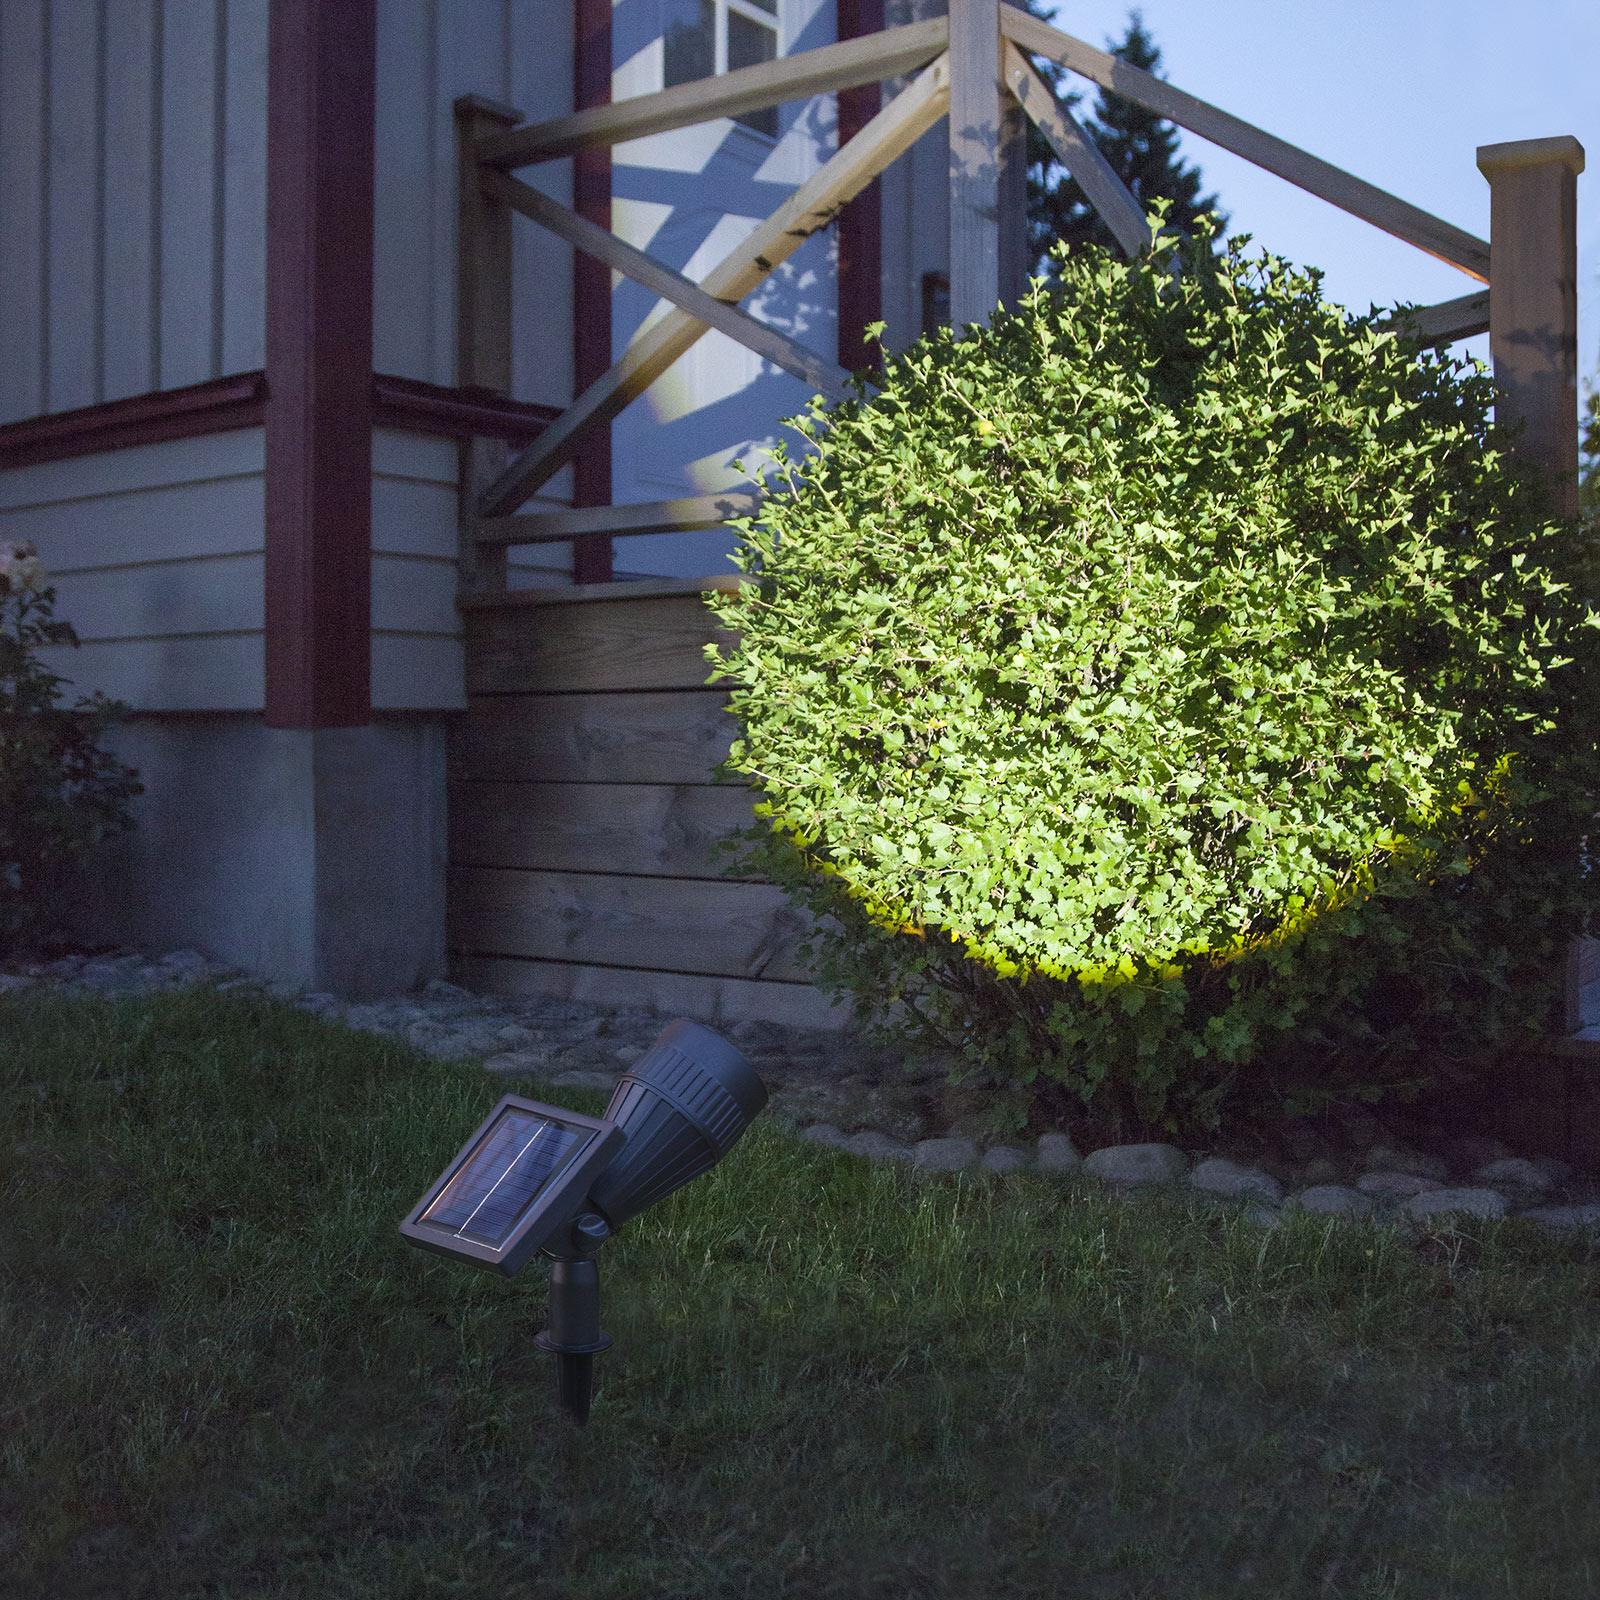 Lampa solarna LED Powerspot, regulowana osłona